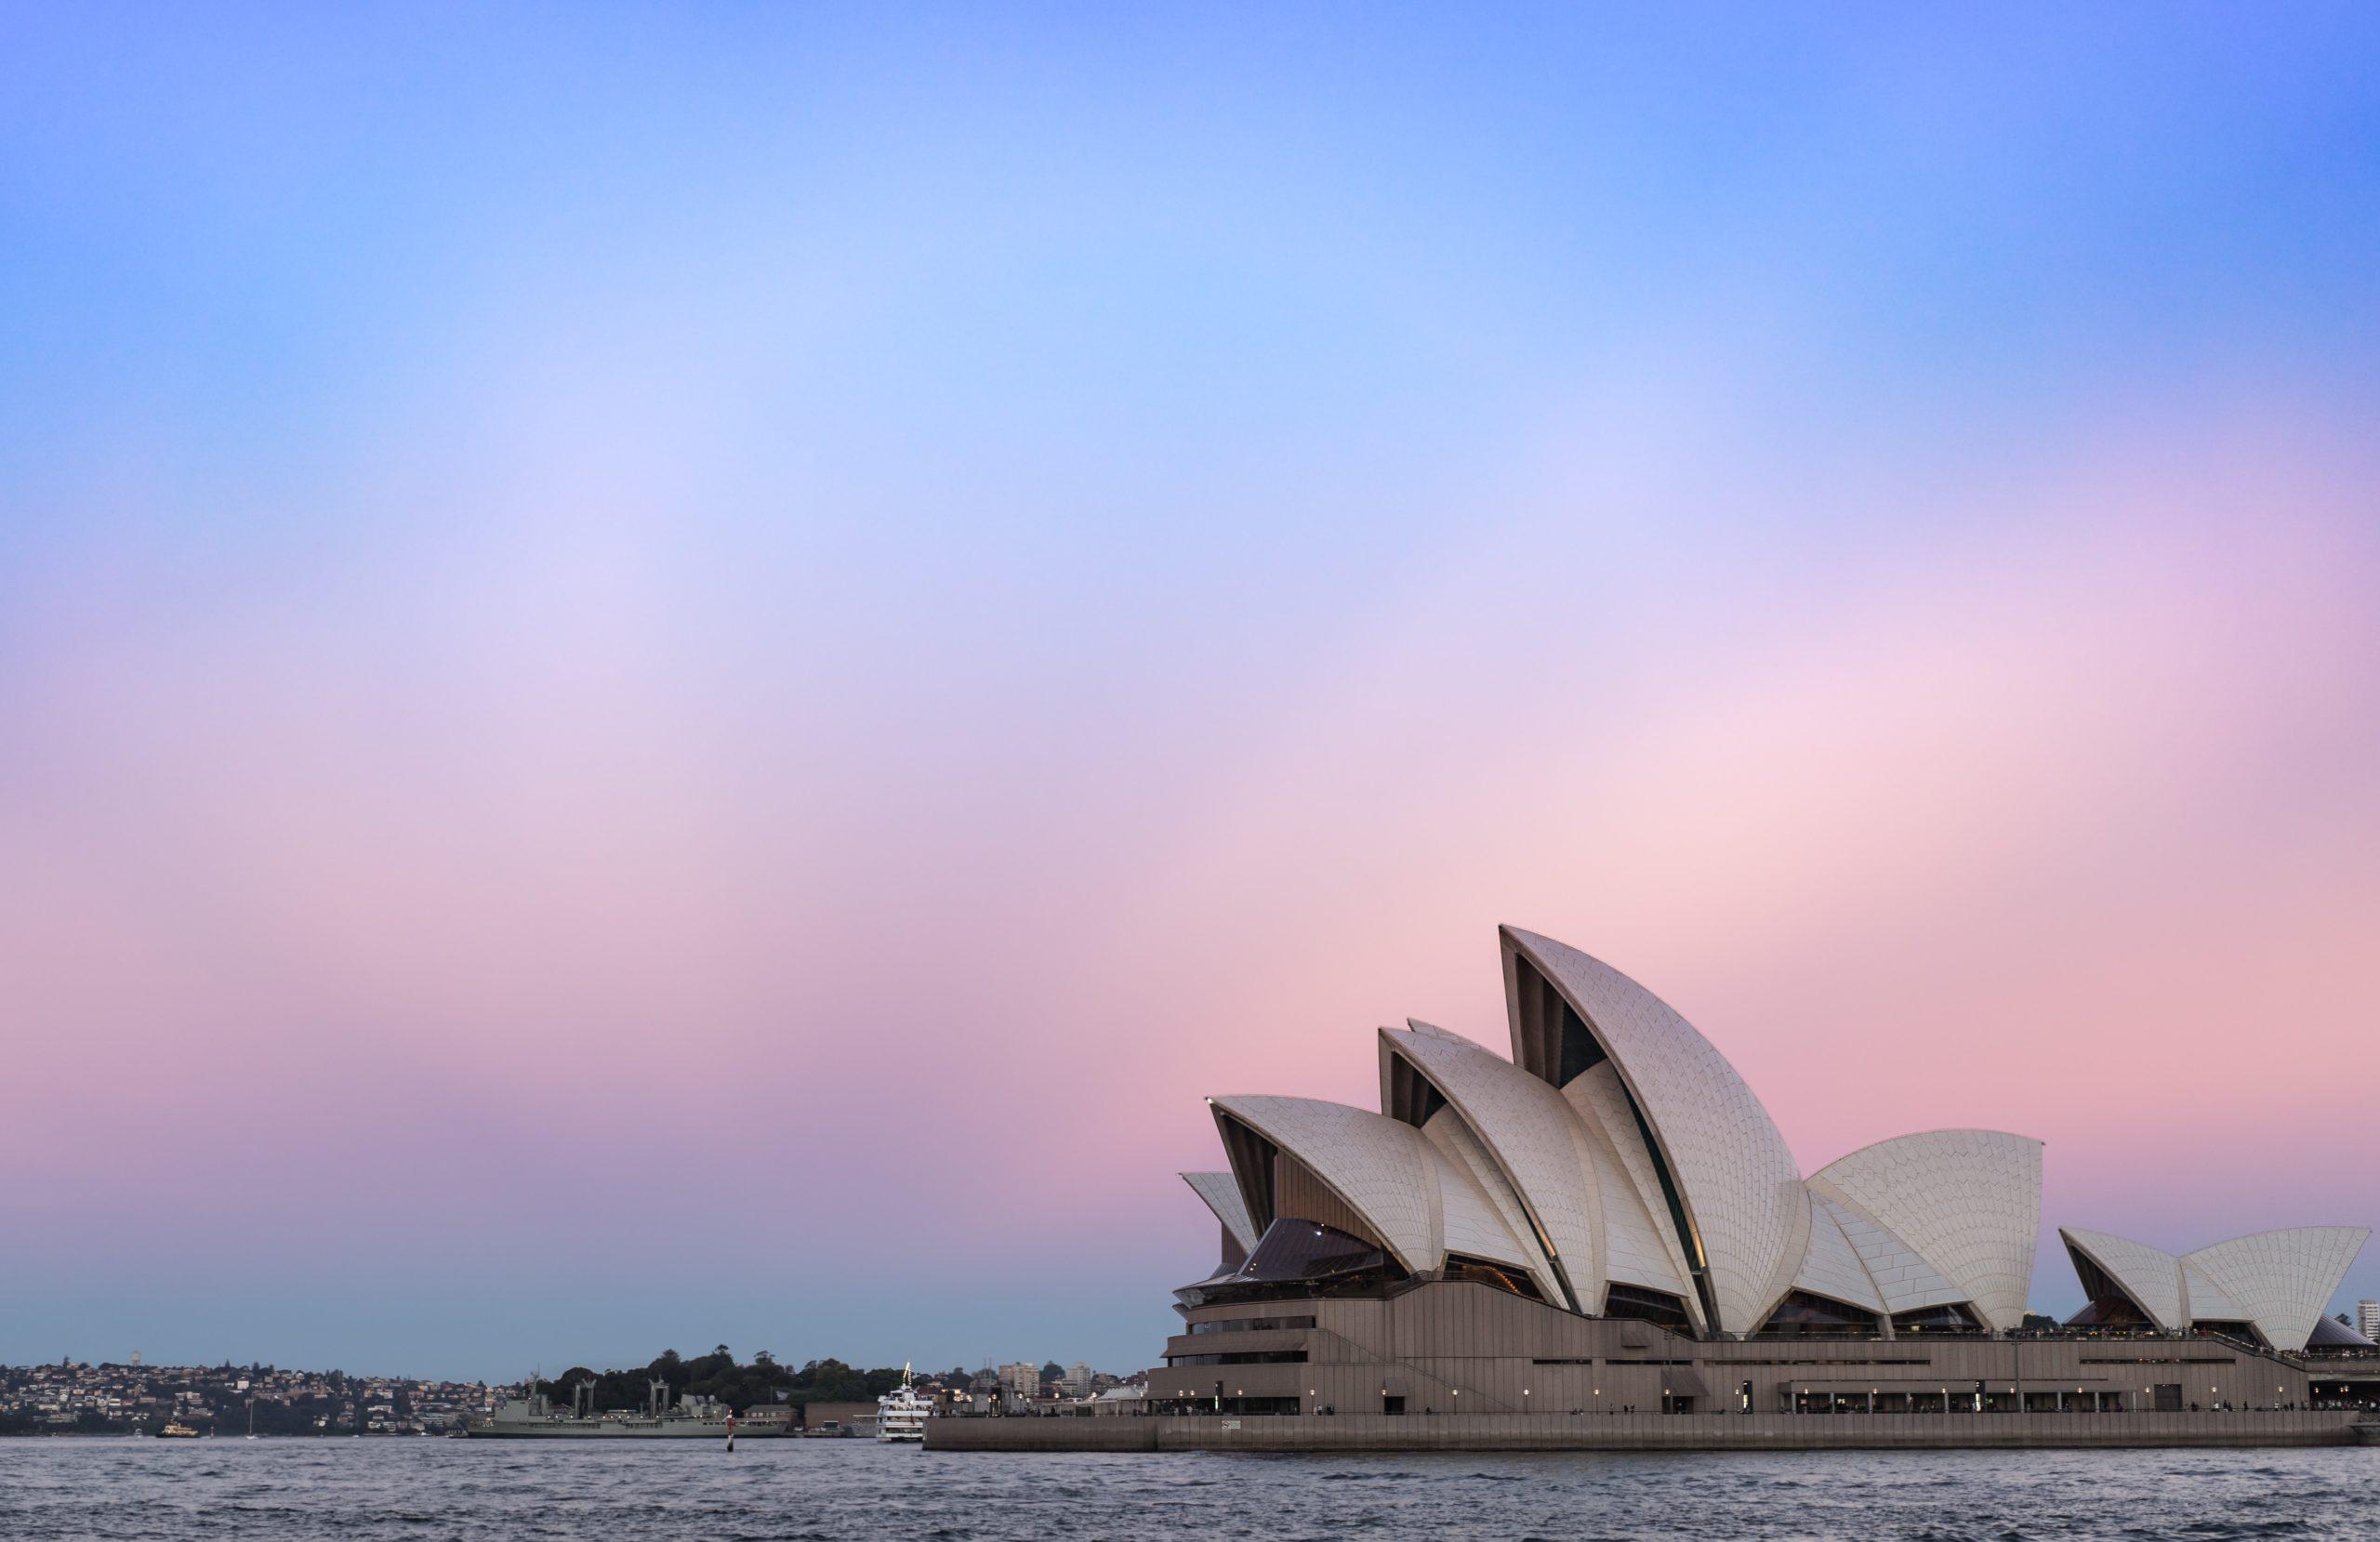 Gmach opery w Sydney, Australia